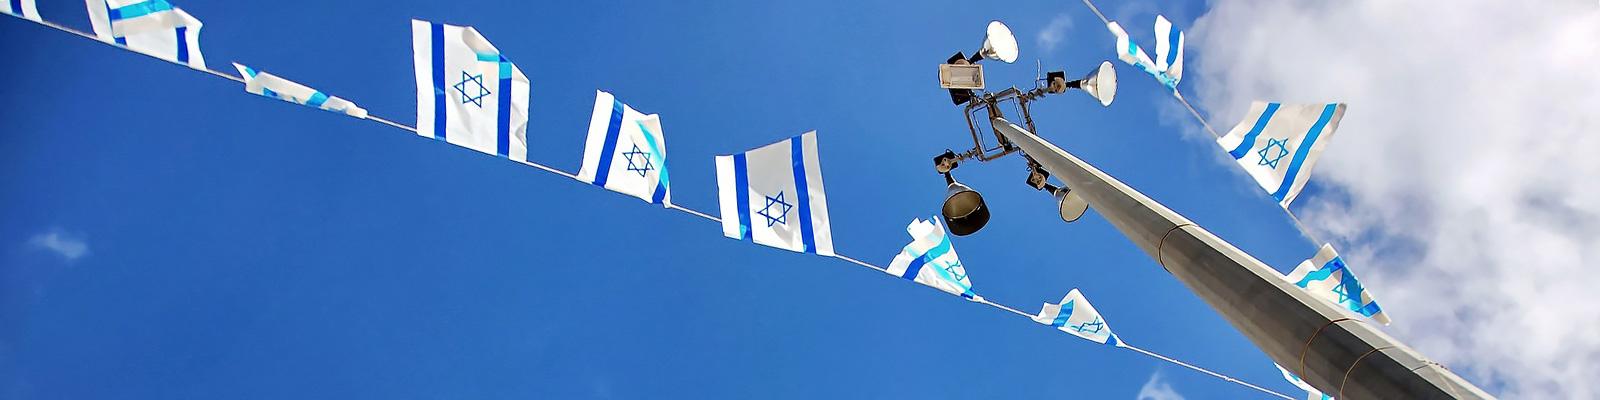 イスラエル 国旗 イメージ